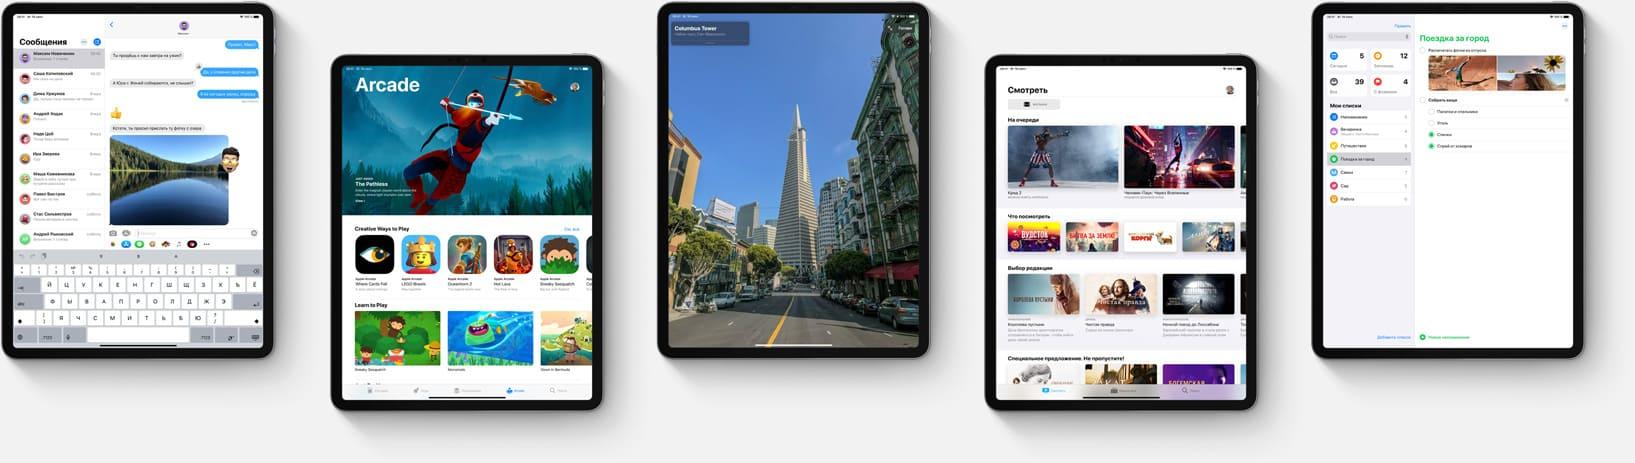 iPad-OS-2019